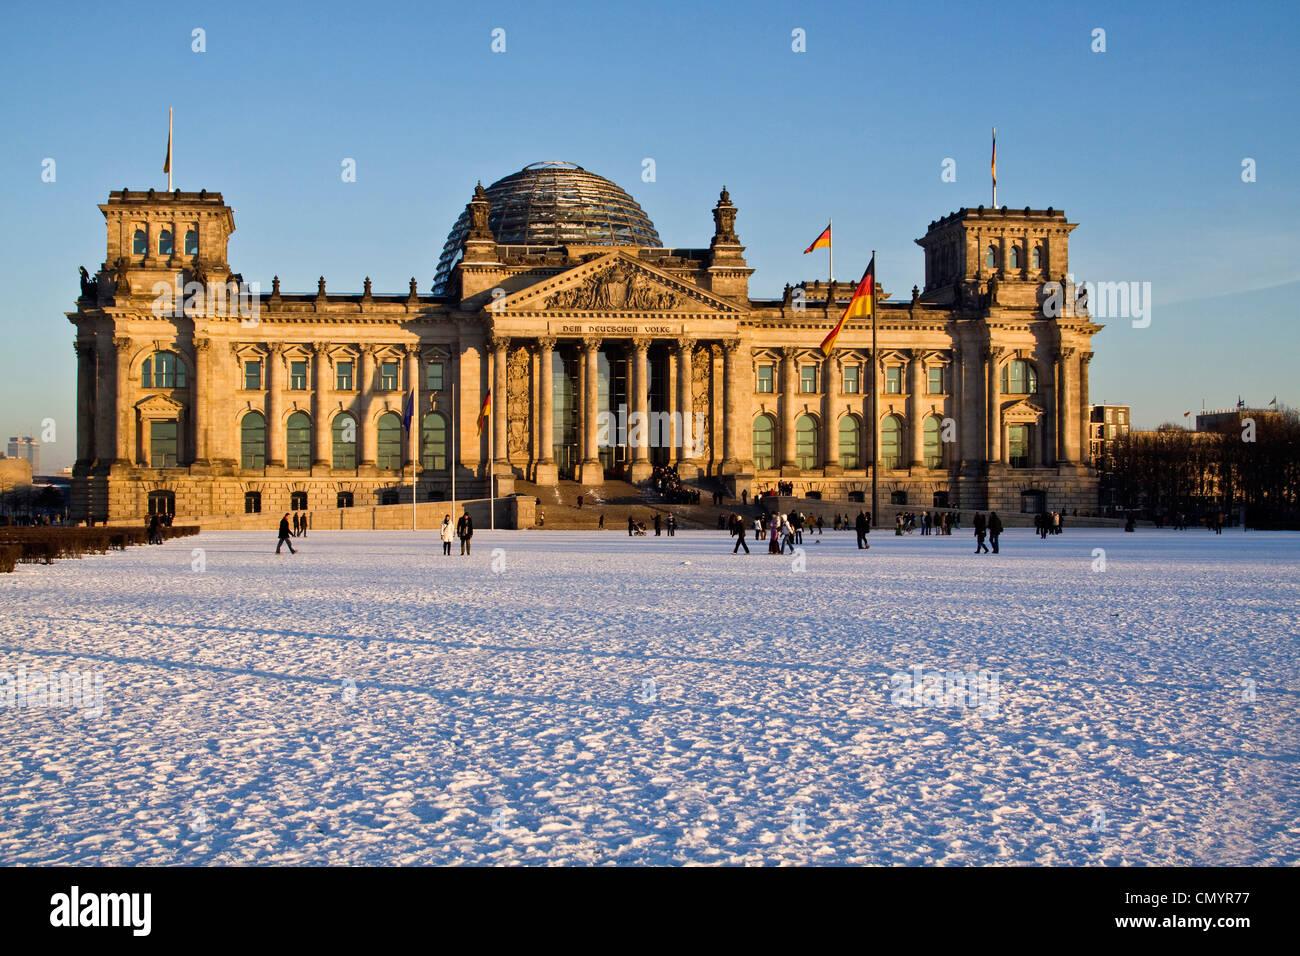 Reichstagsgebäude im Winter mit Schnee, im Freien, Berlin, Deutschland, Europa Stockbild